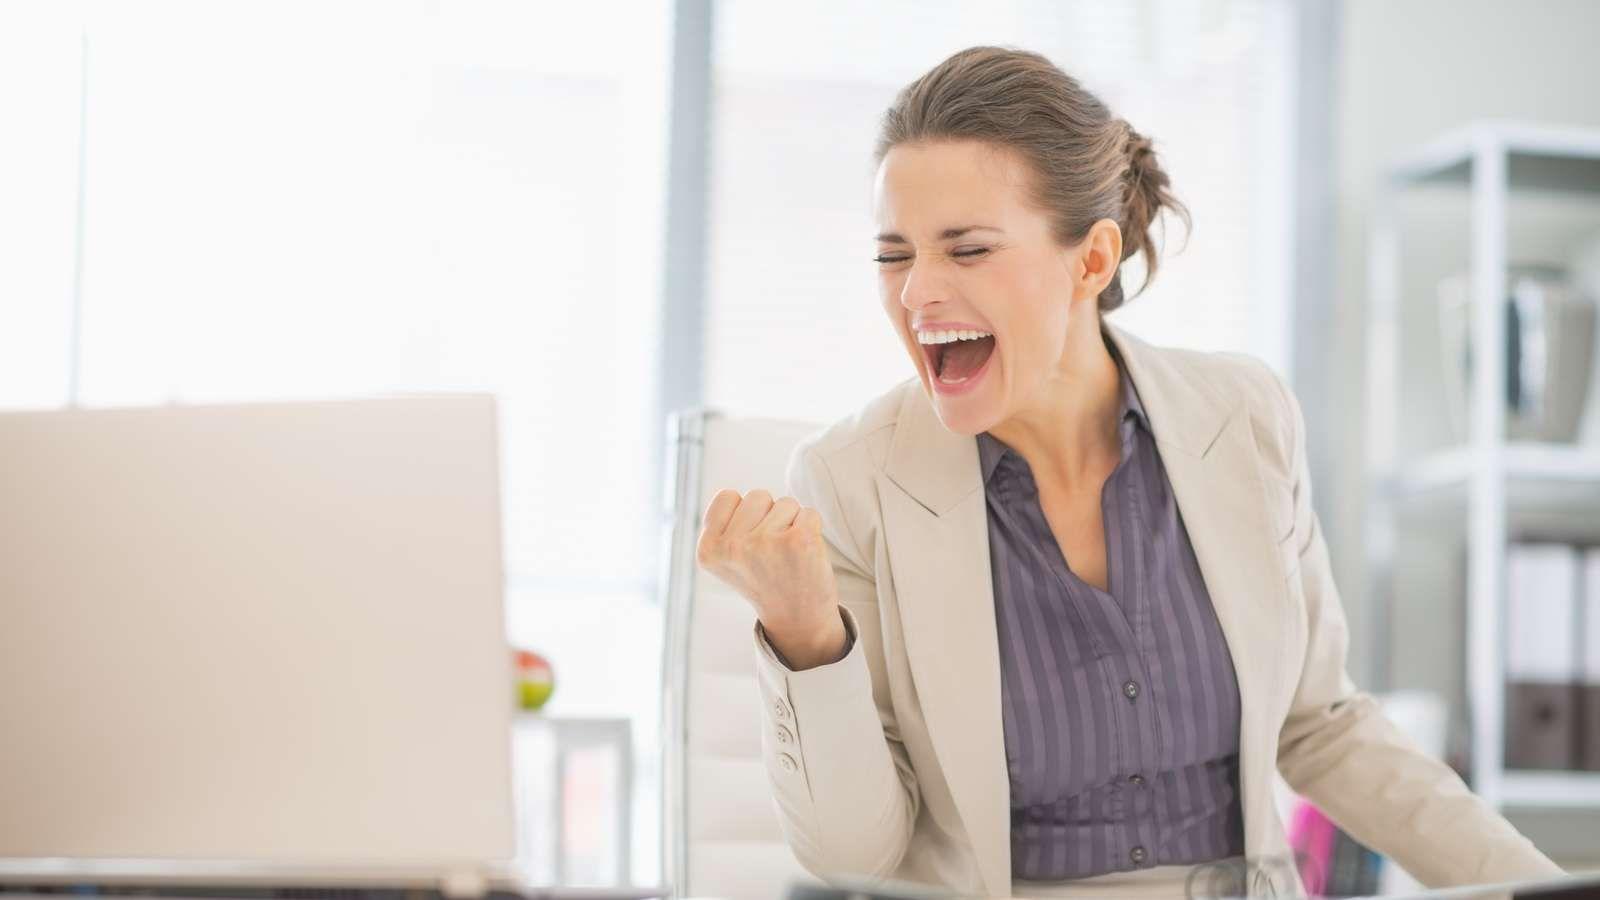 #Erfolg durch #Körperhaltung: Das #Job-Glück kommt mit der #Körperhaltung